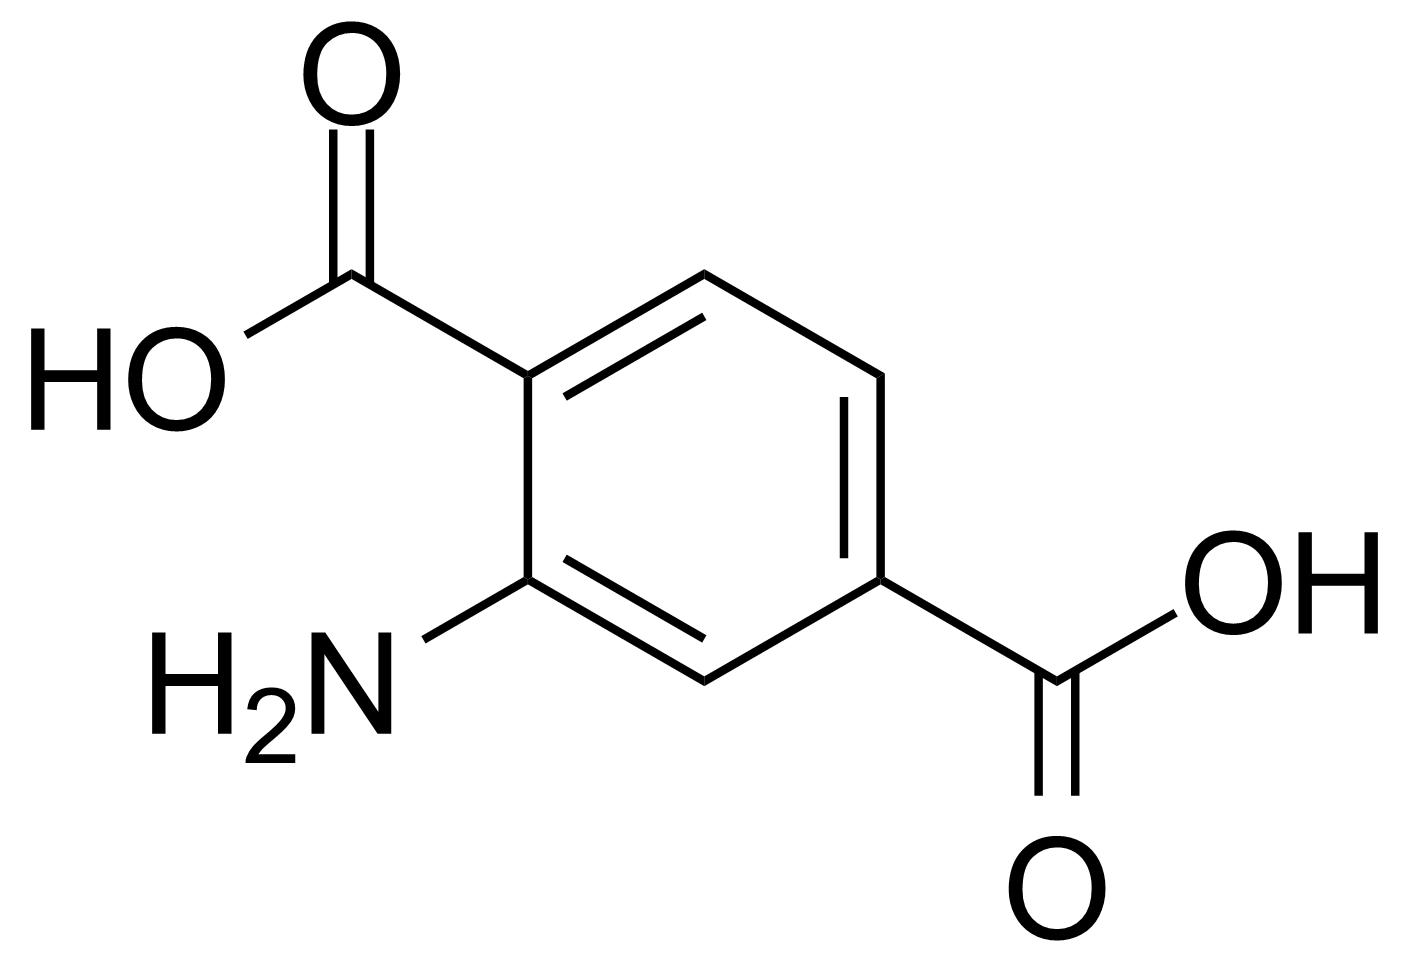 Structure of 2-Aminoterephthalic acid